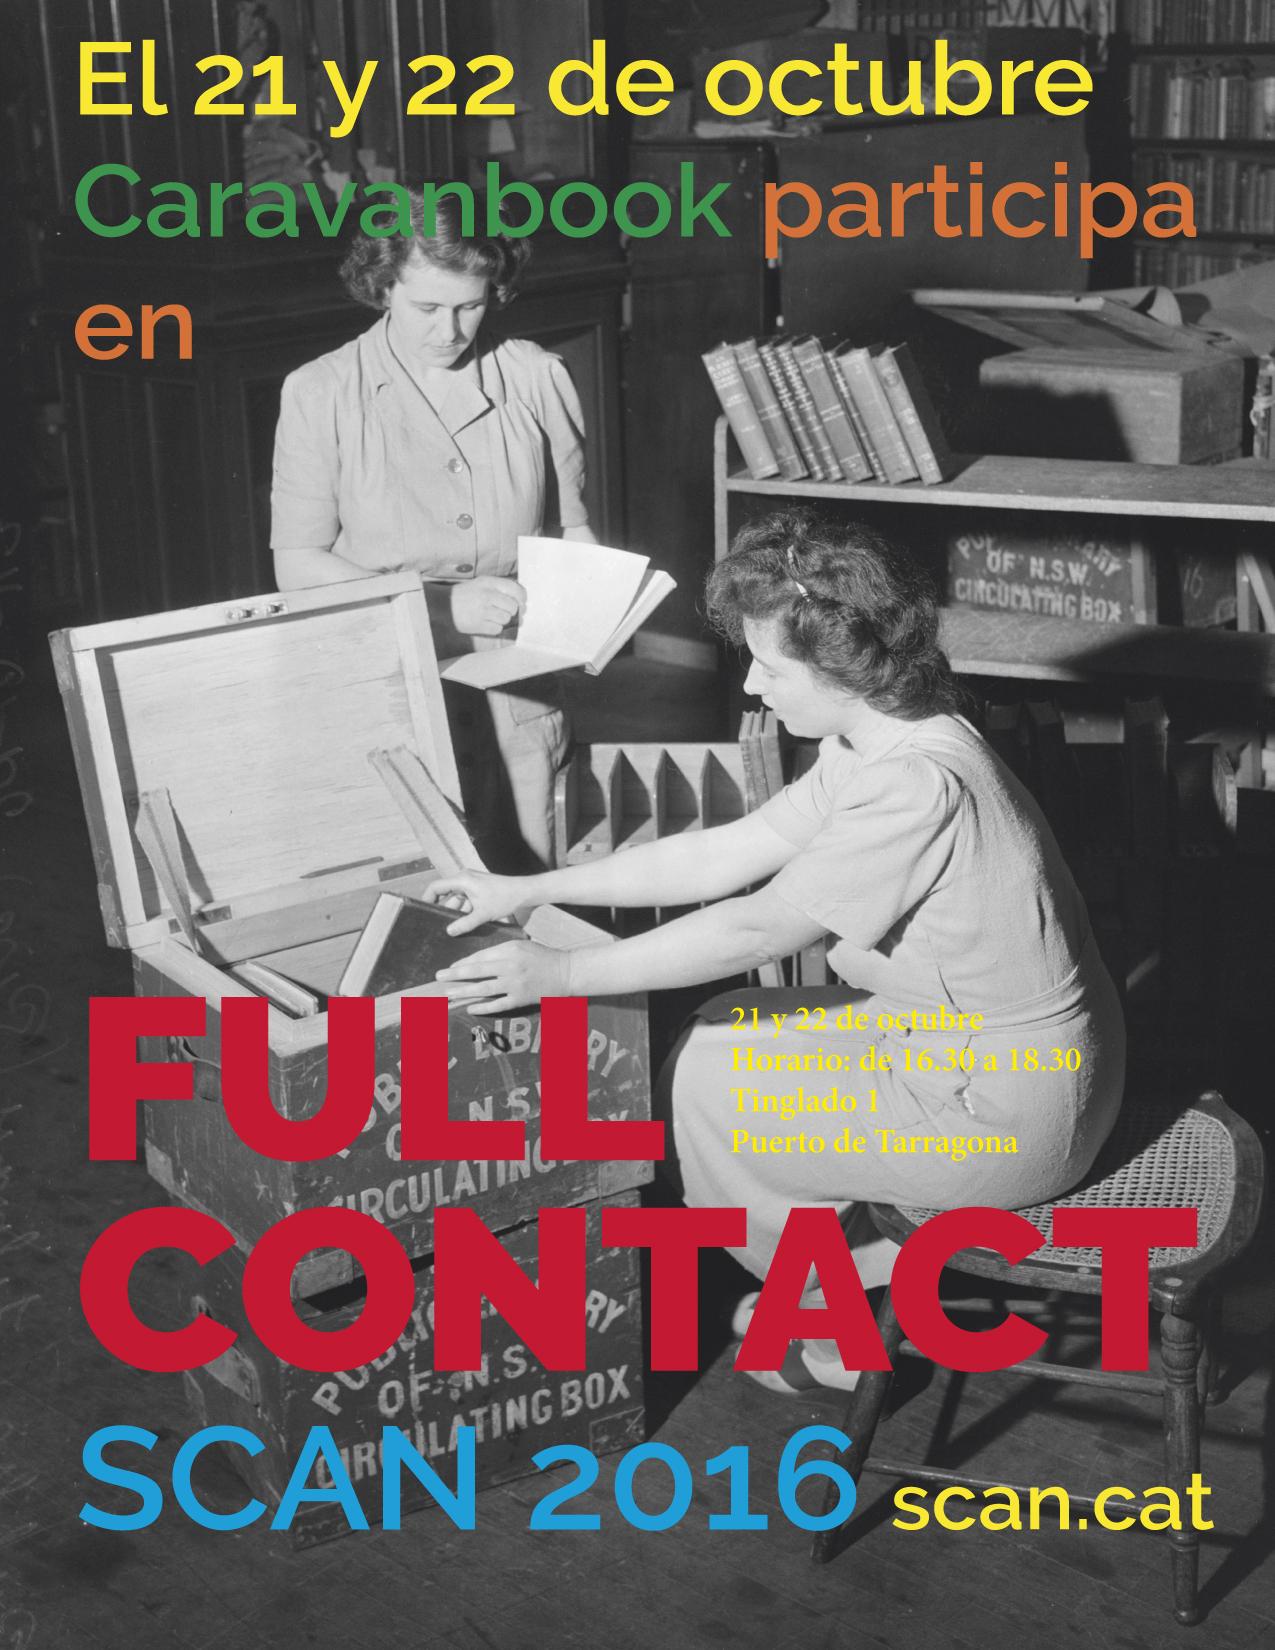 Caravanbook participa en el punto editorial de Full Contact dentro del festival de fotografía SCAN TARRAGONA 2016.